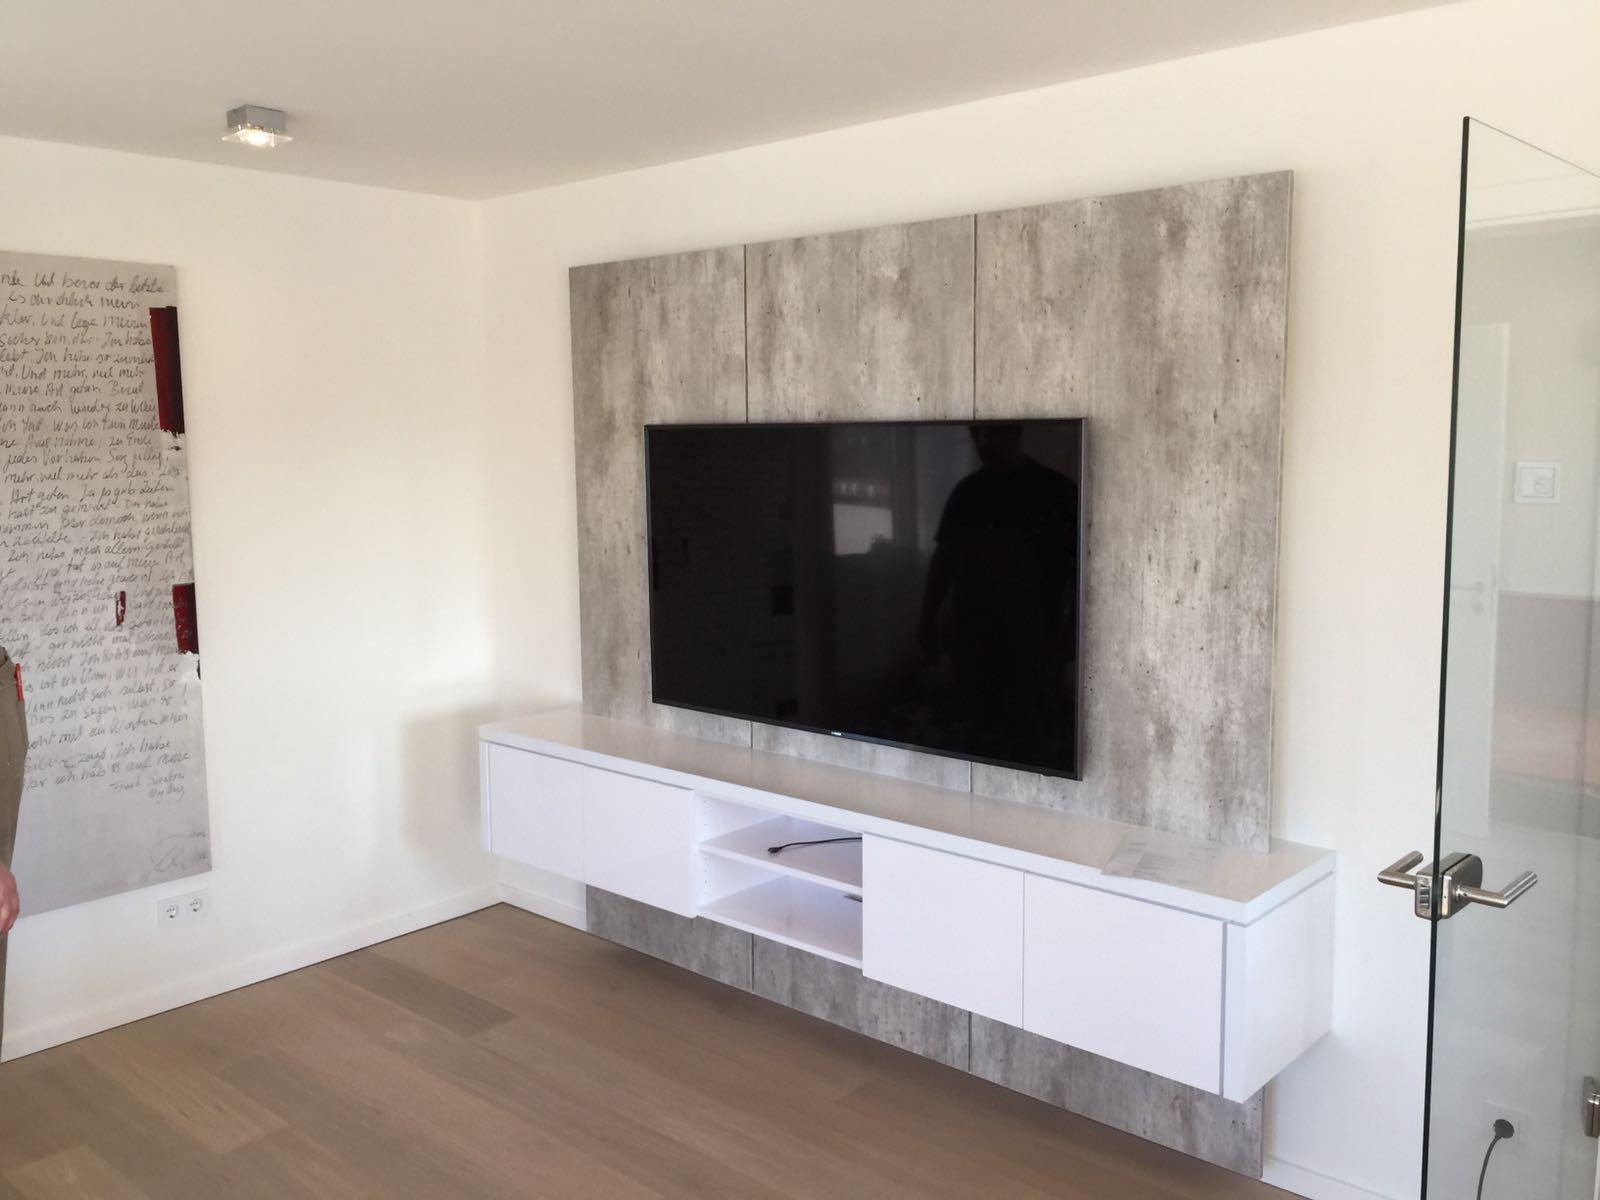 Wand Tv Kast : Tv wand tv meubel met achterwand kast id kasten meubelen